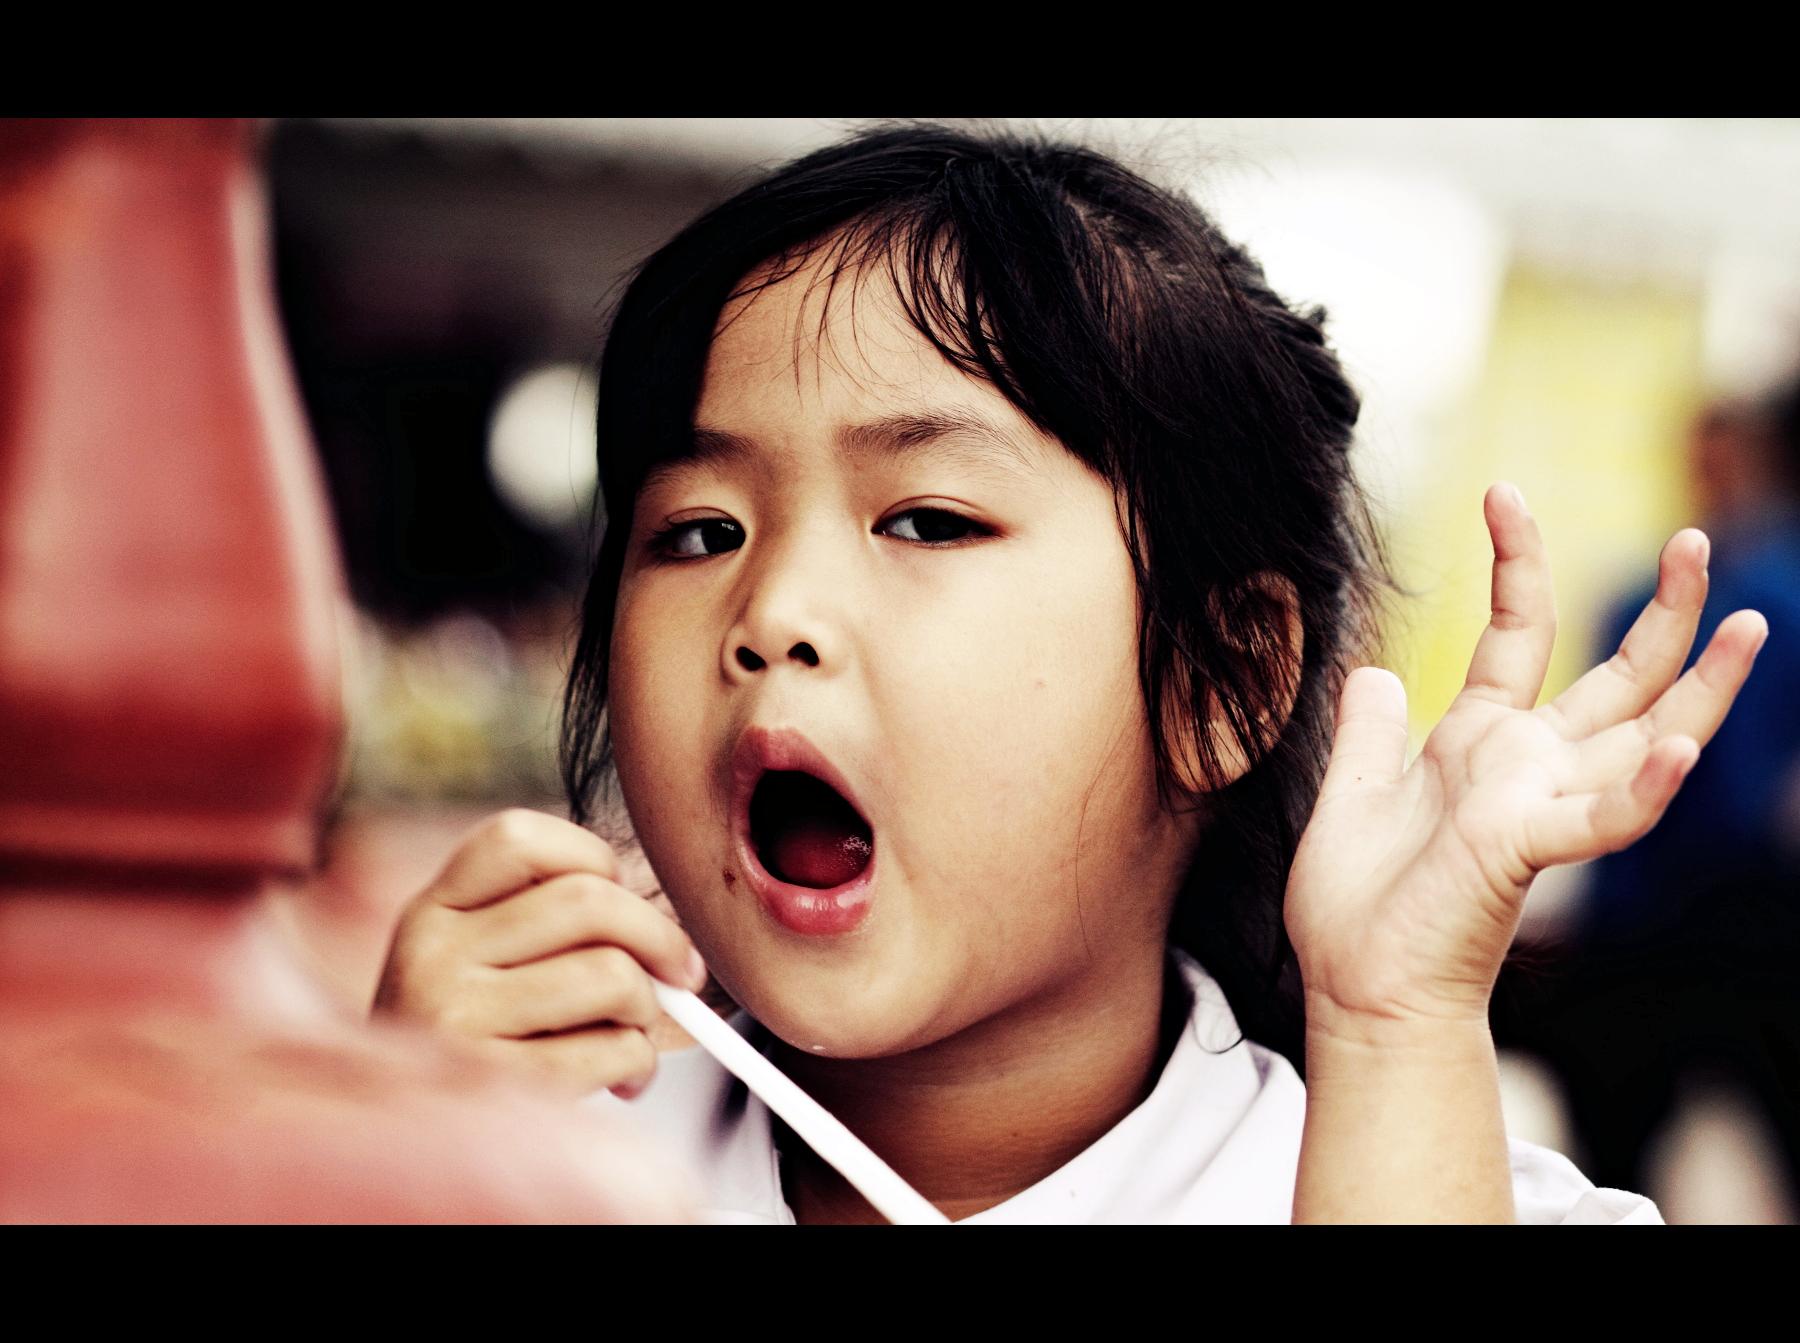 可爱的小女孩,一面吃着零食,一面侃侃而谈